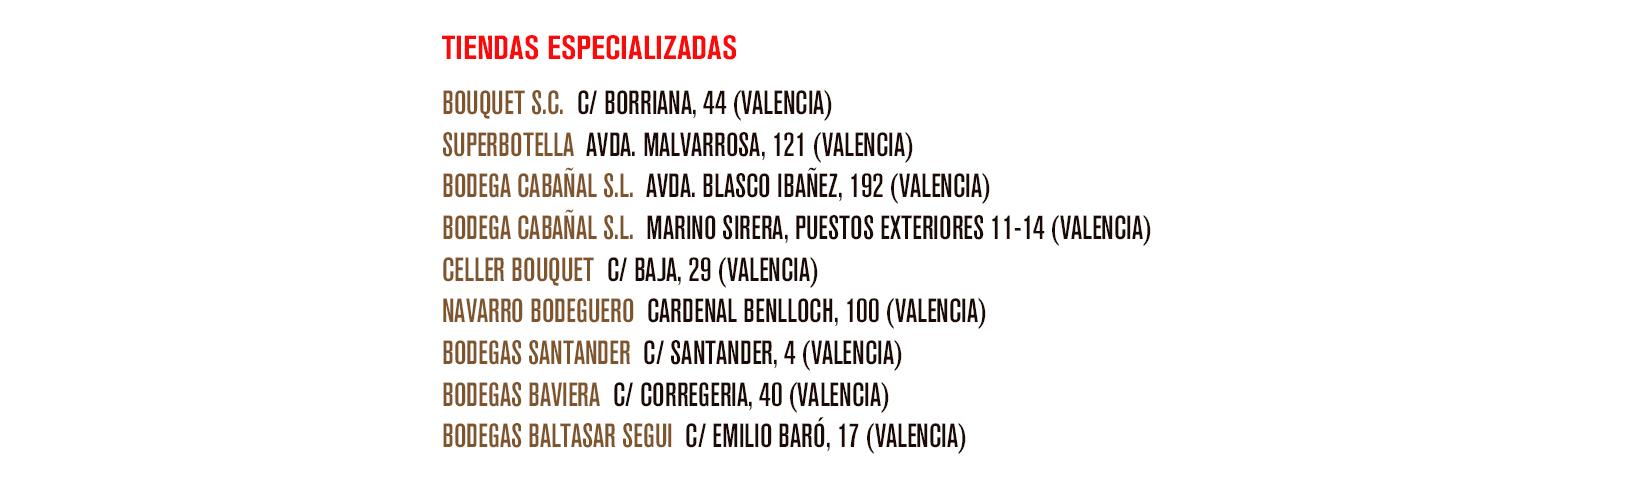 Tiendas Especializadas adheridos a la campaña Llévate un Valencia y la compra gratis